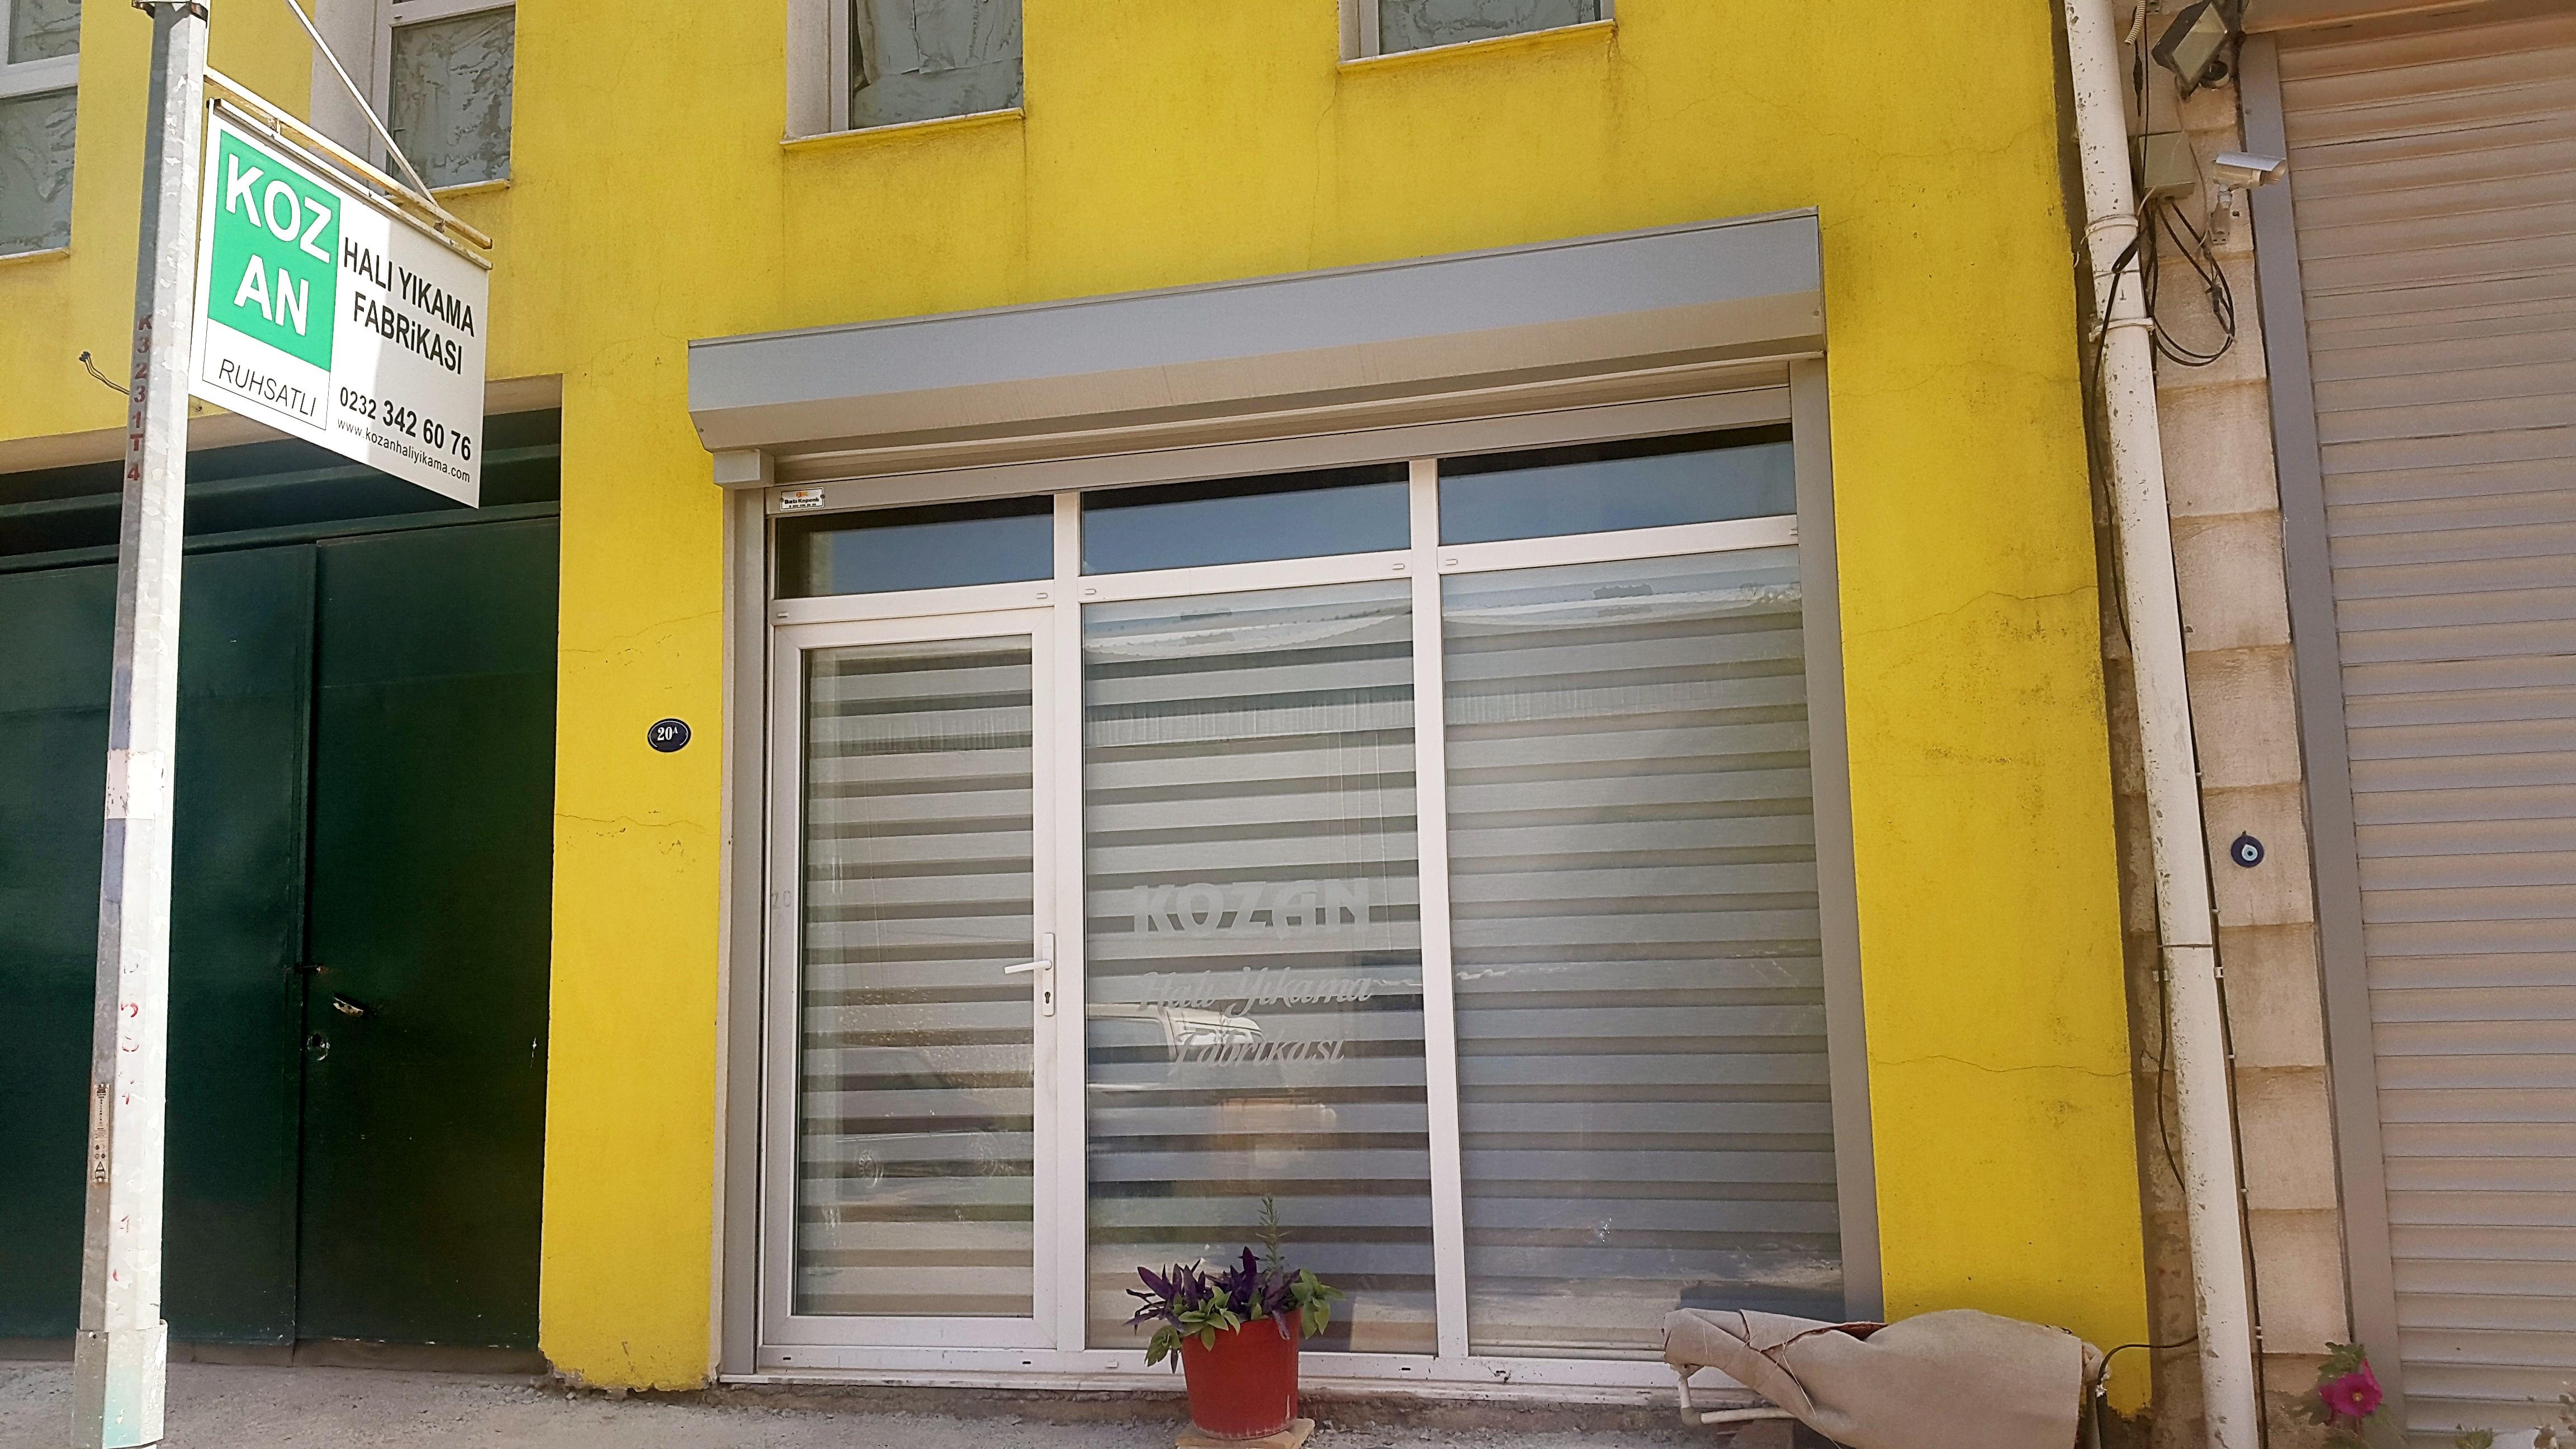 İzmir Halı Yıkama 02323426076 bornova halı yıkama fabrikası(3)